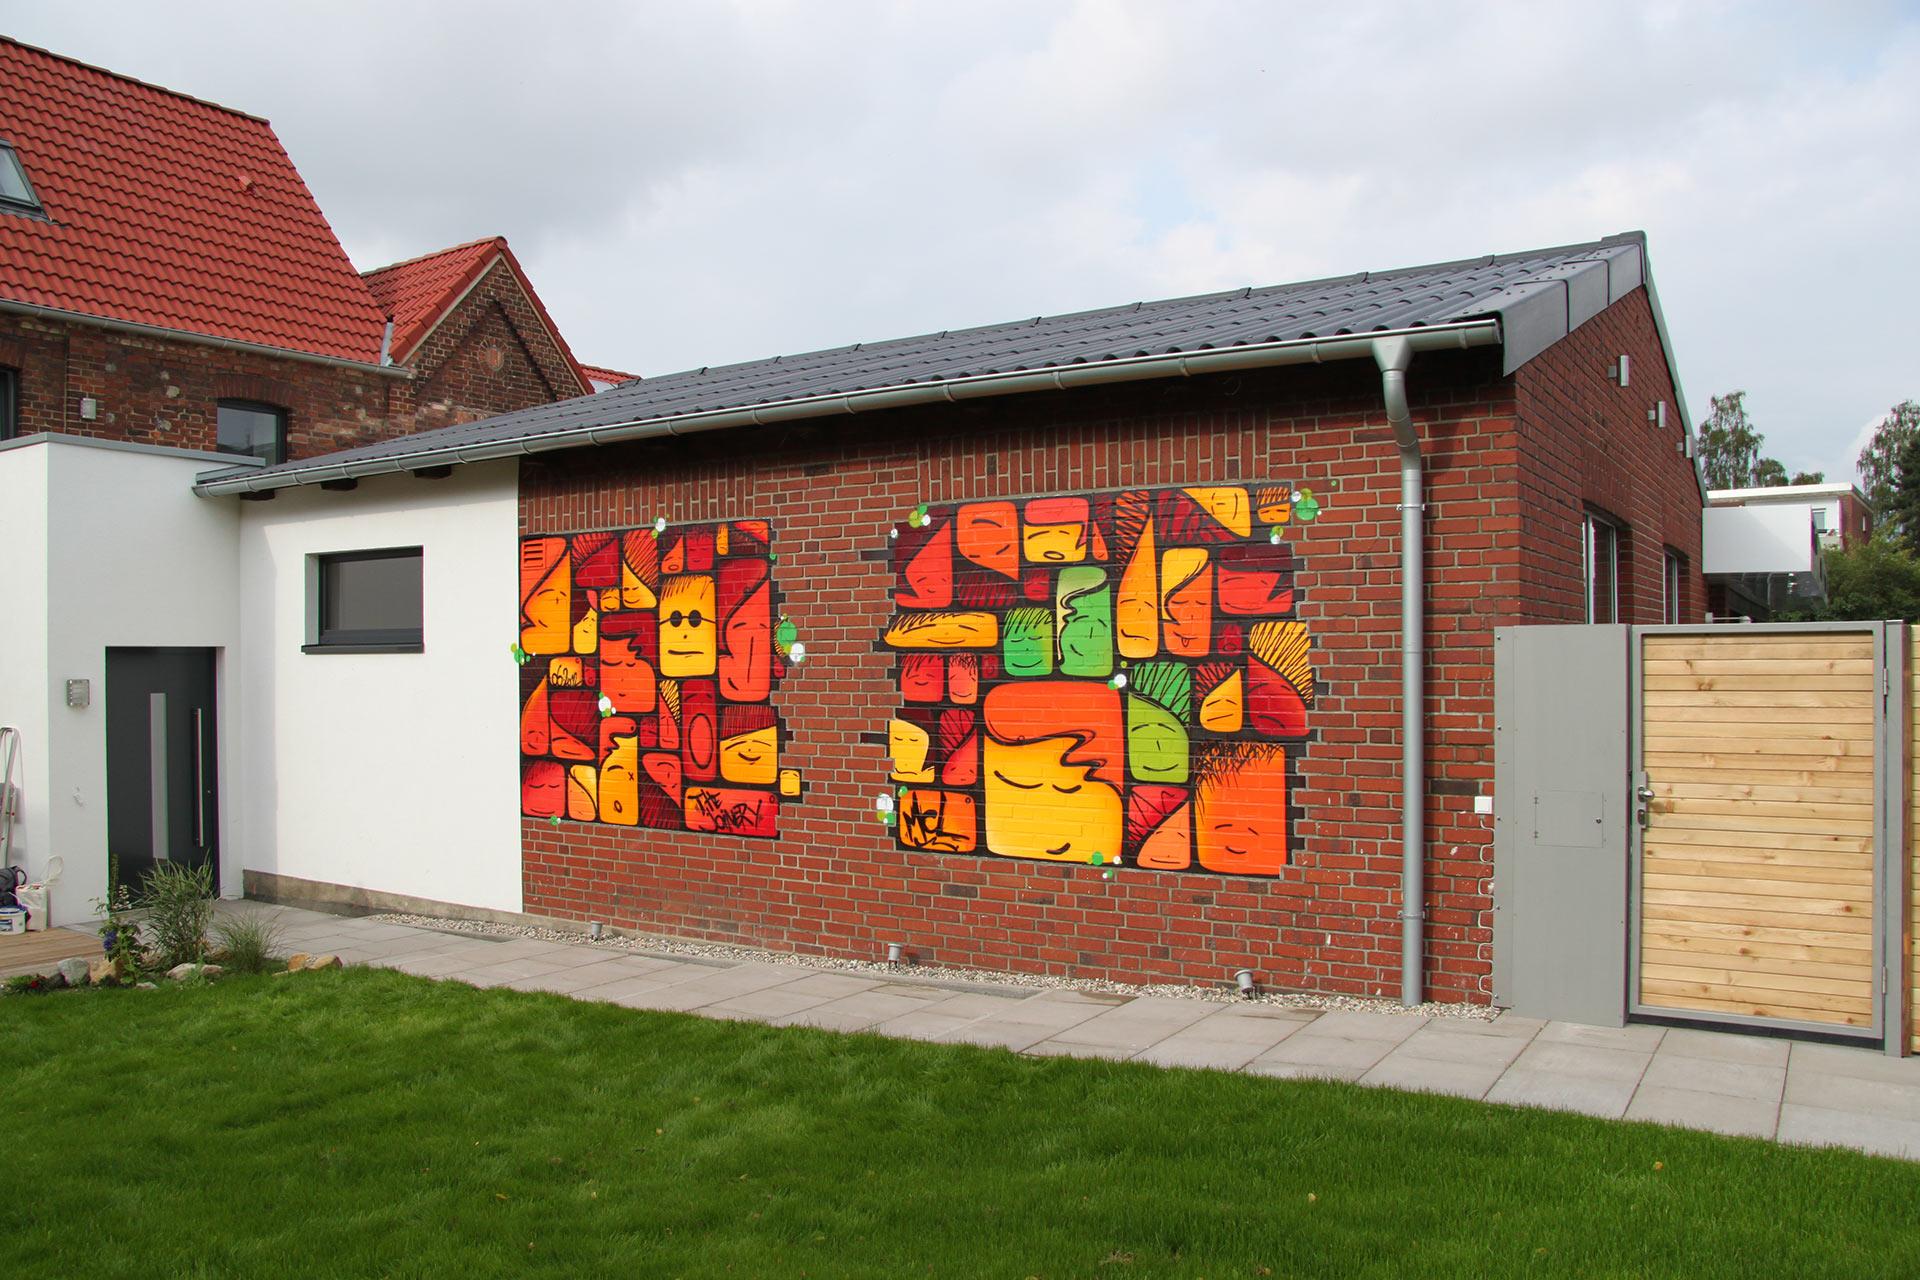 Graffiti-Gesichter, Münster, Graffiti, Figuren, Gesicht, Urban, Street-Art, Studio Auckz